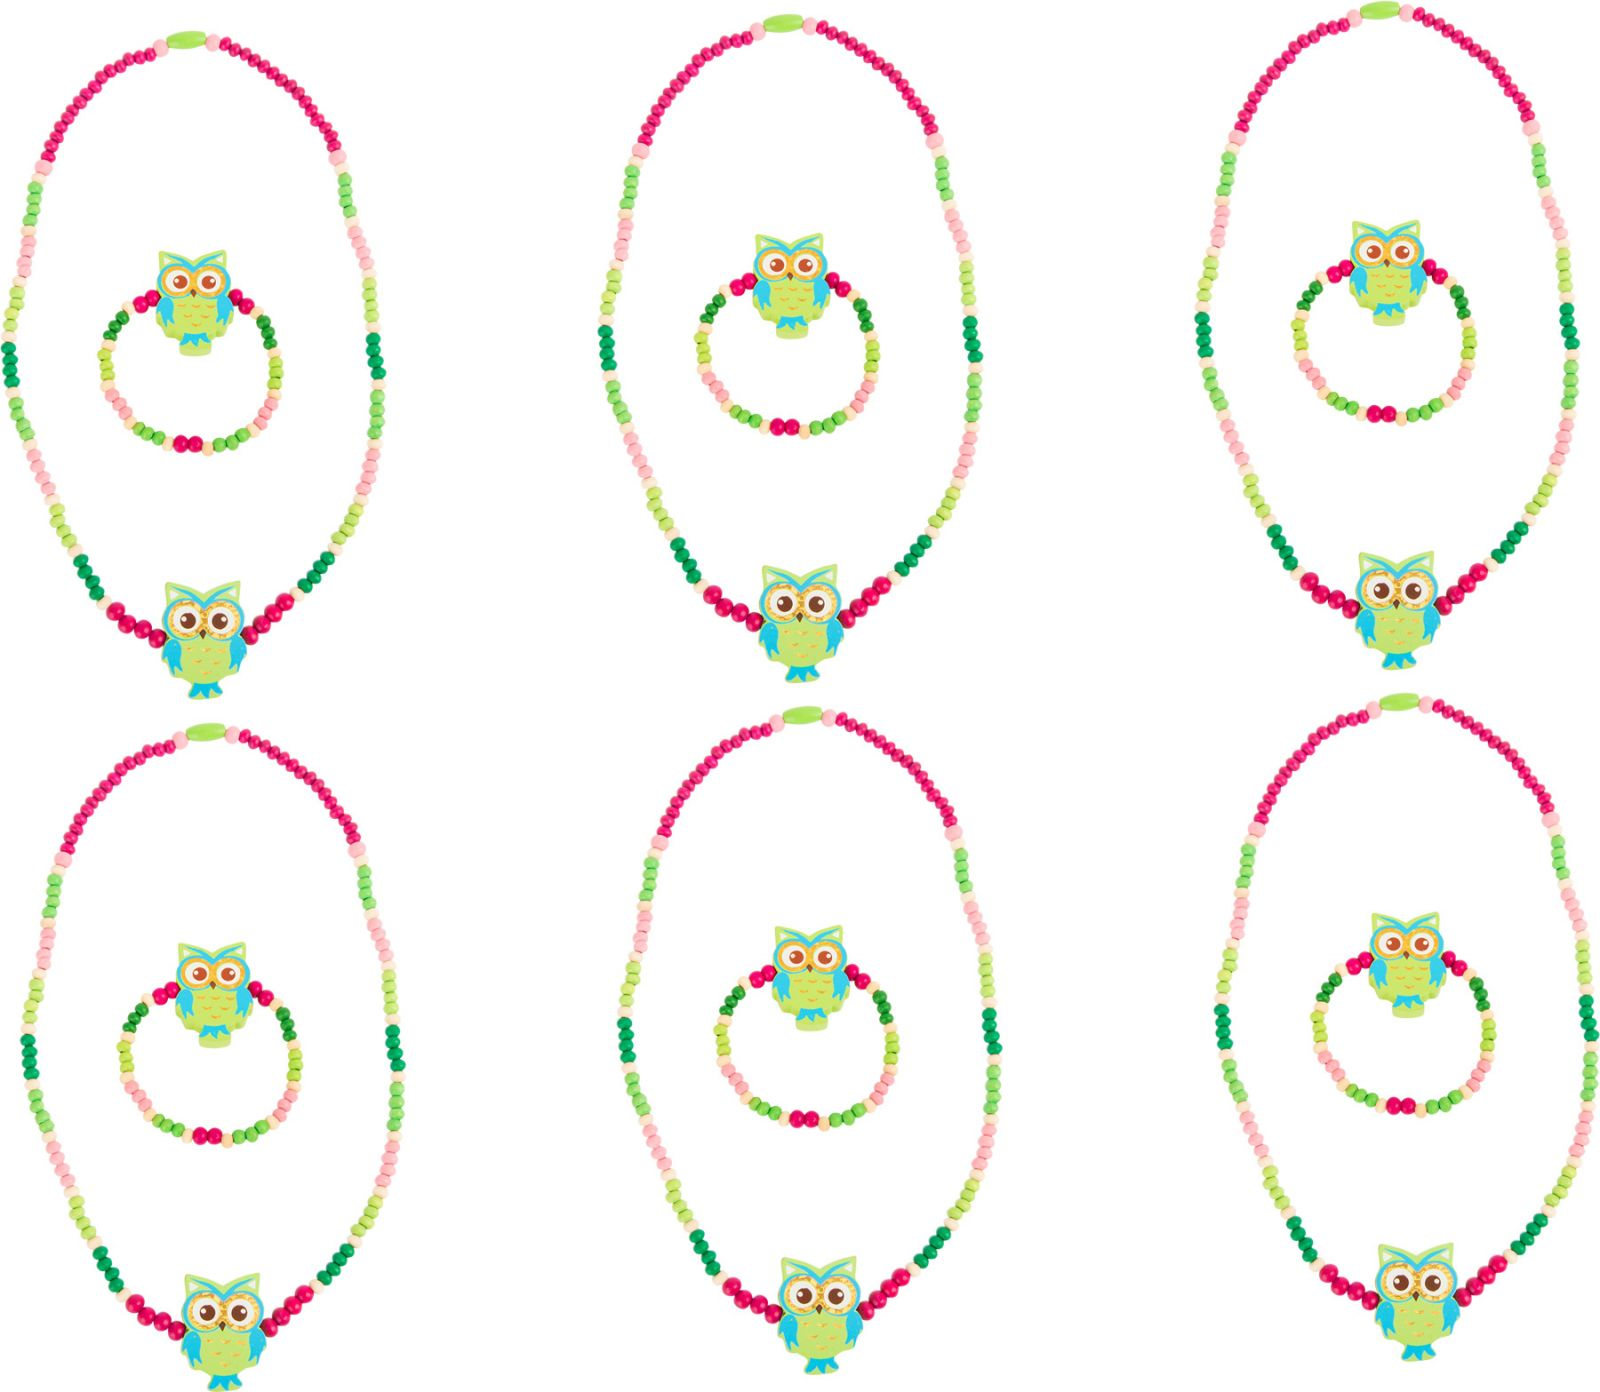 Dřevěné hračky Dřevěné šperky se sovou, zelené 2 ks Small foot by Legler